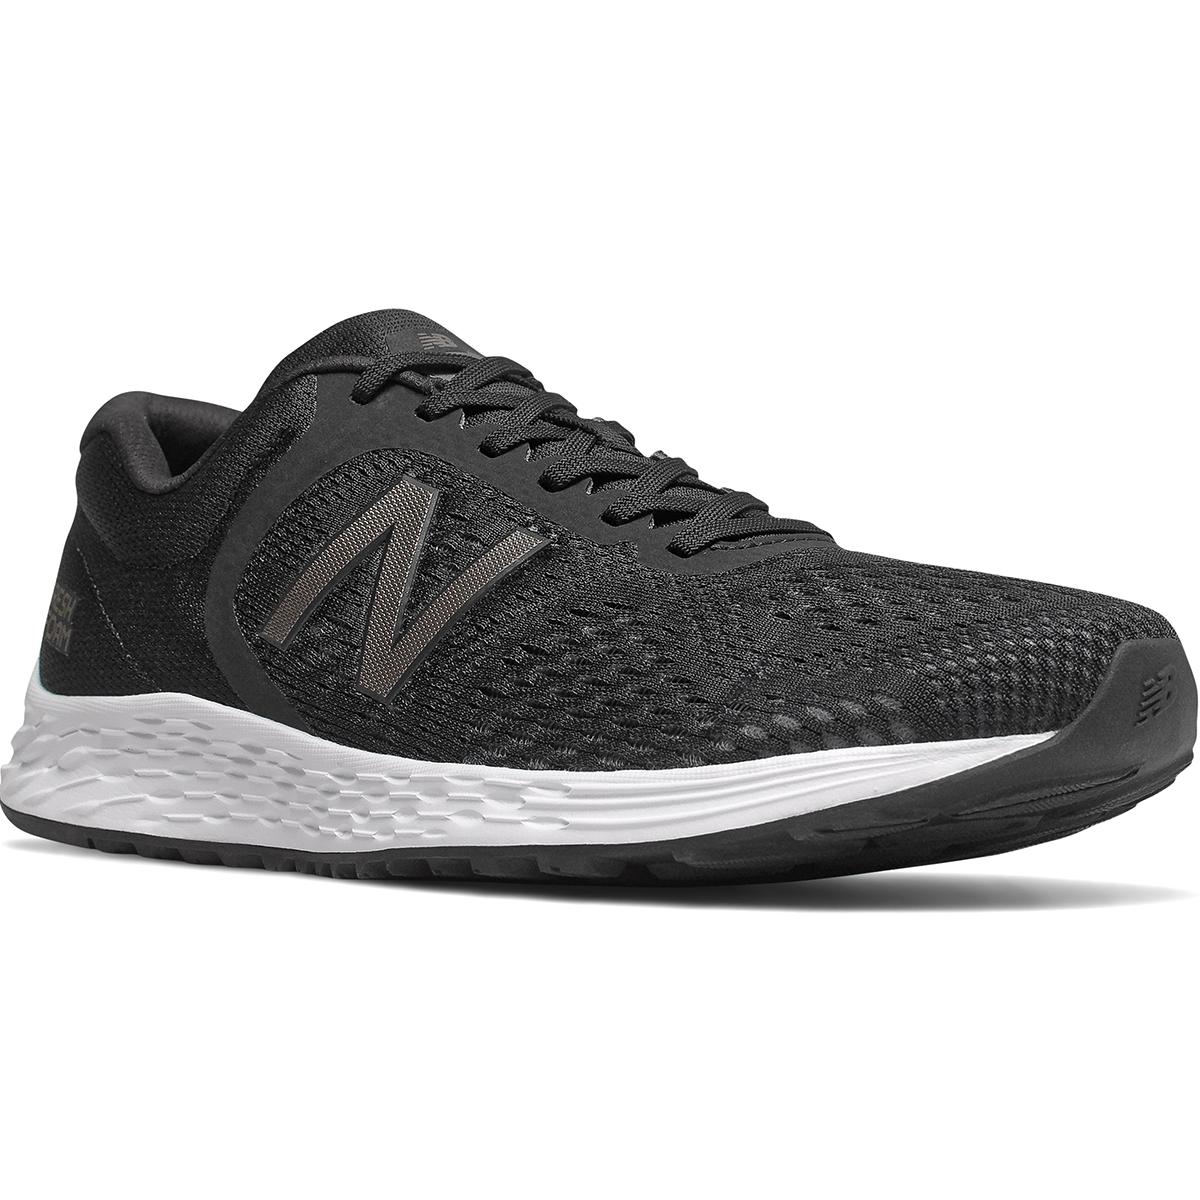 New Balance Men's Fresh Foam Arishi V2 Sneaker, Wide Width - Black, 8